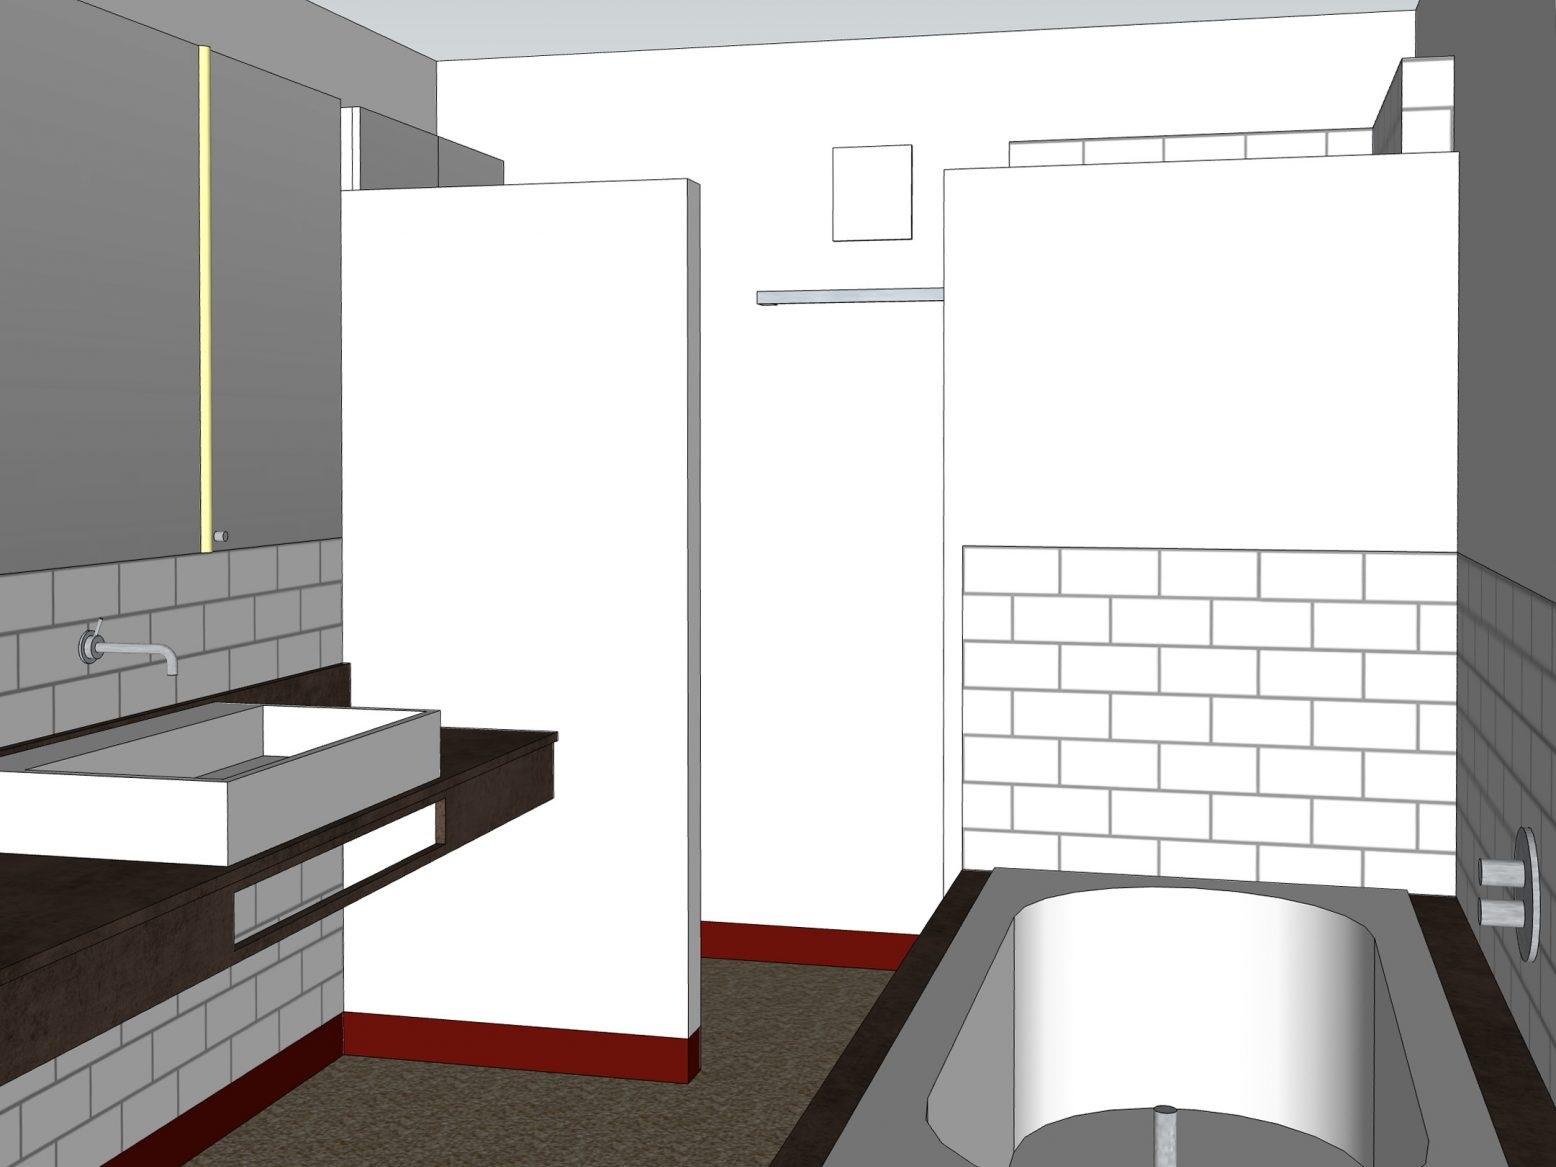 Paarbad mit Lichtkuppel - Visualisierung Duschtür geschlossen